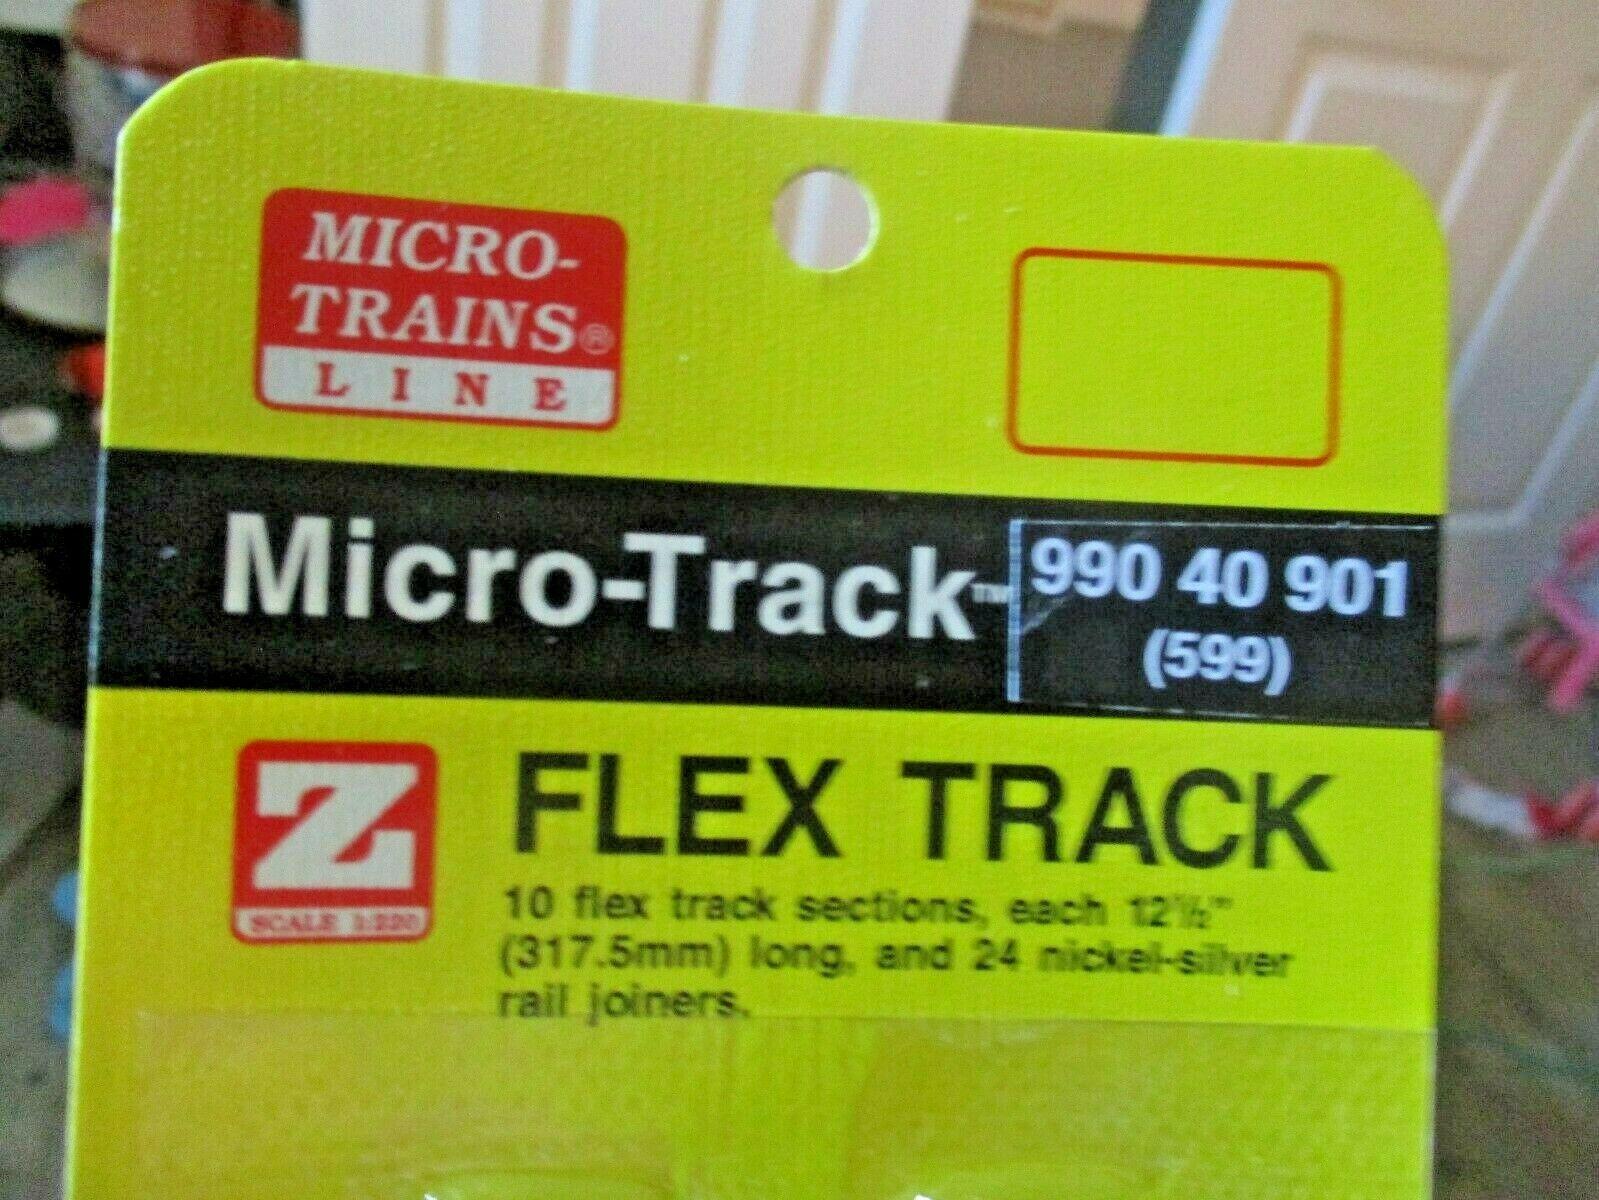 """Micro-Trains Micro-Track # 99040901 (599) Flex Track 12.5"""" (317.5mm) Z-Scale"""